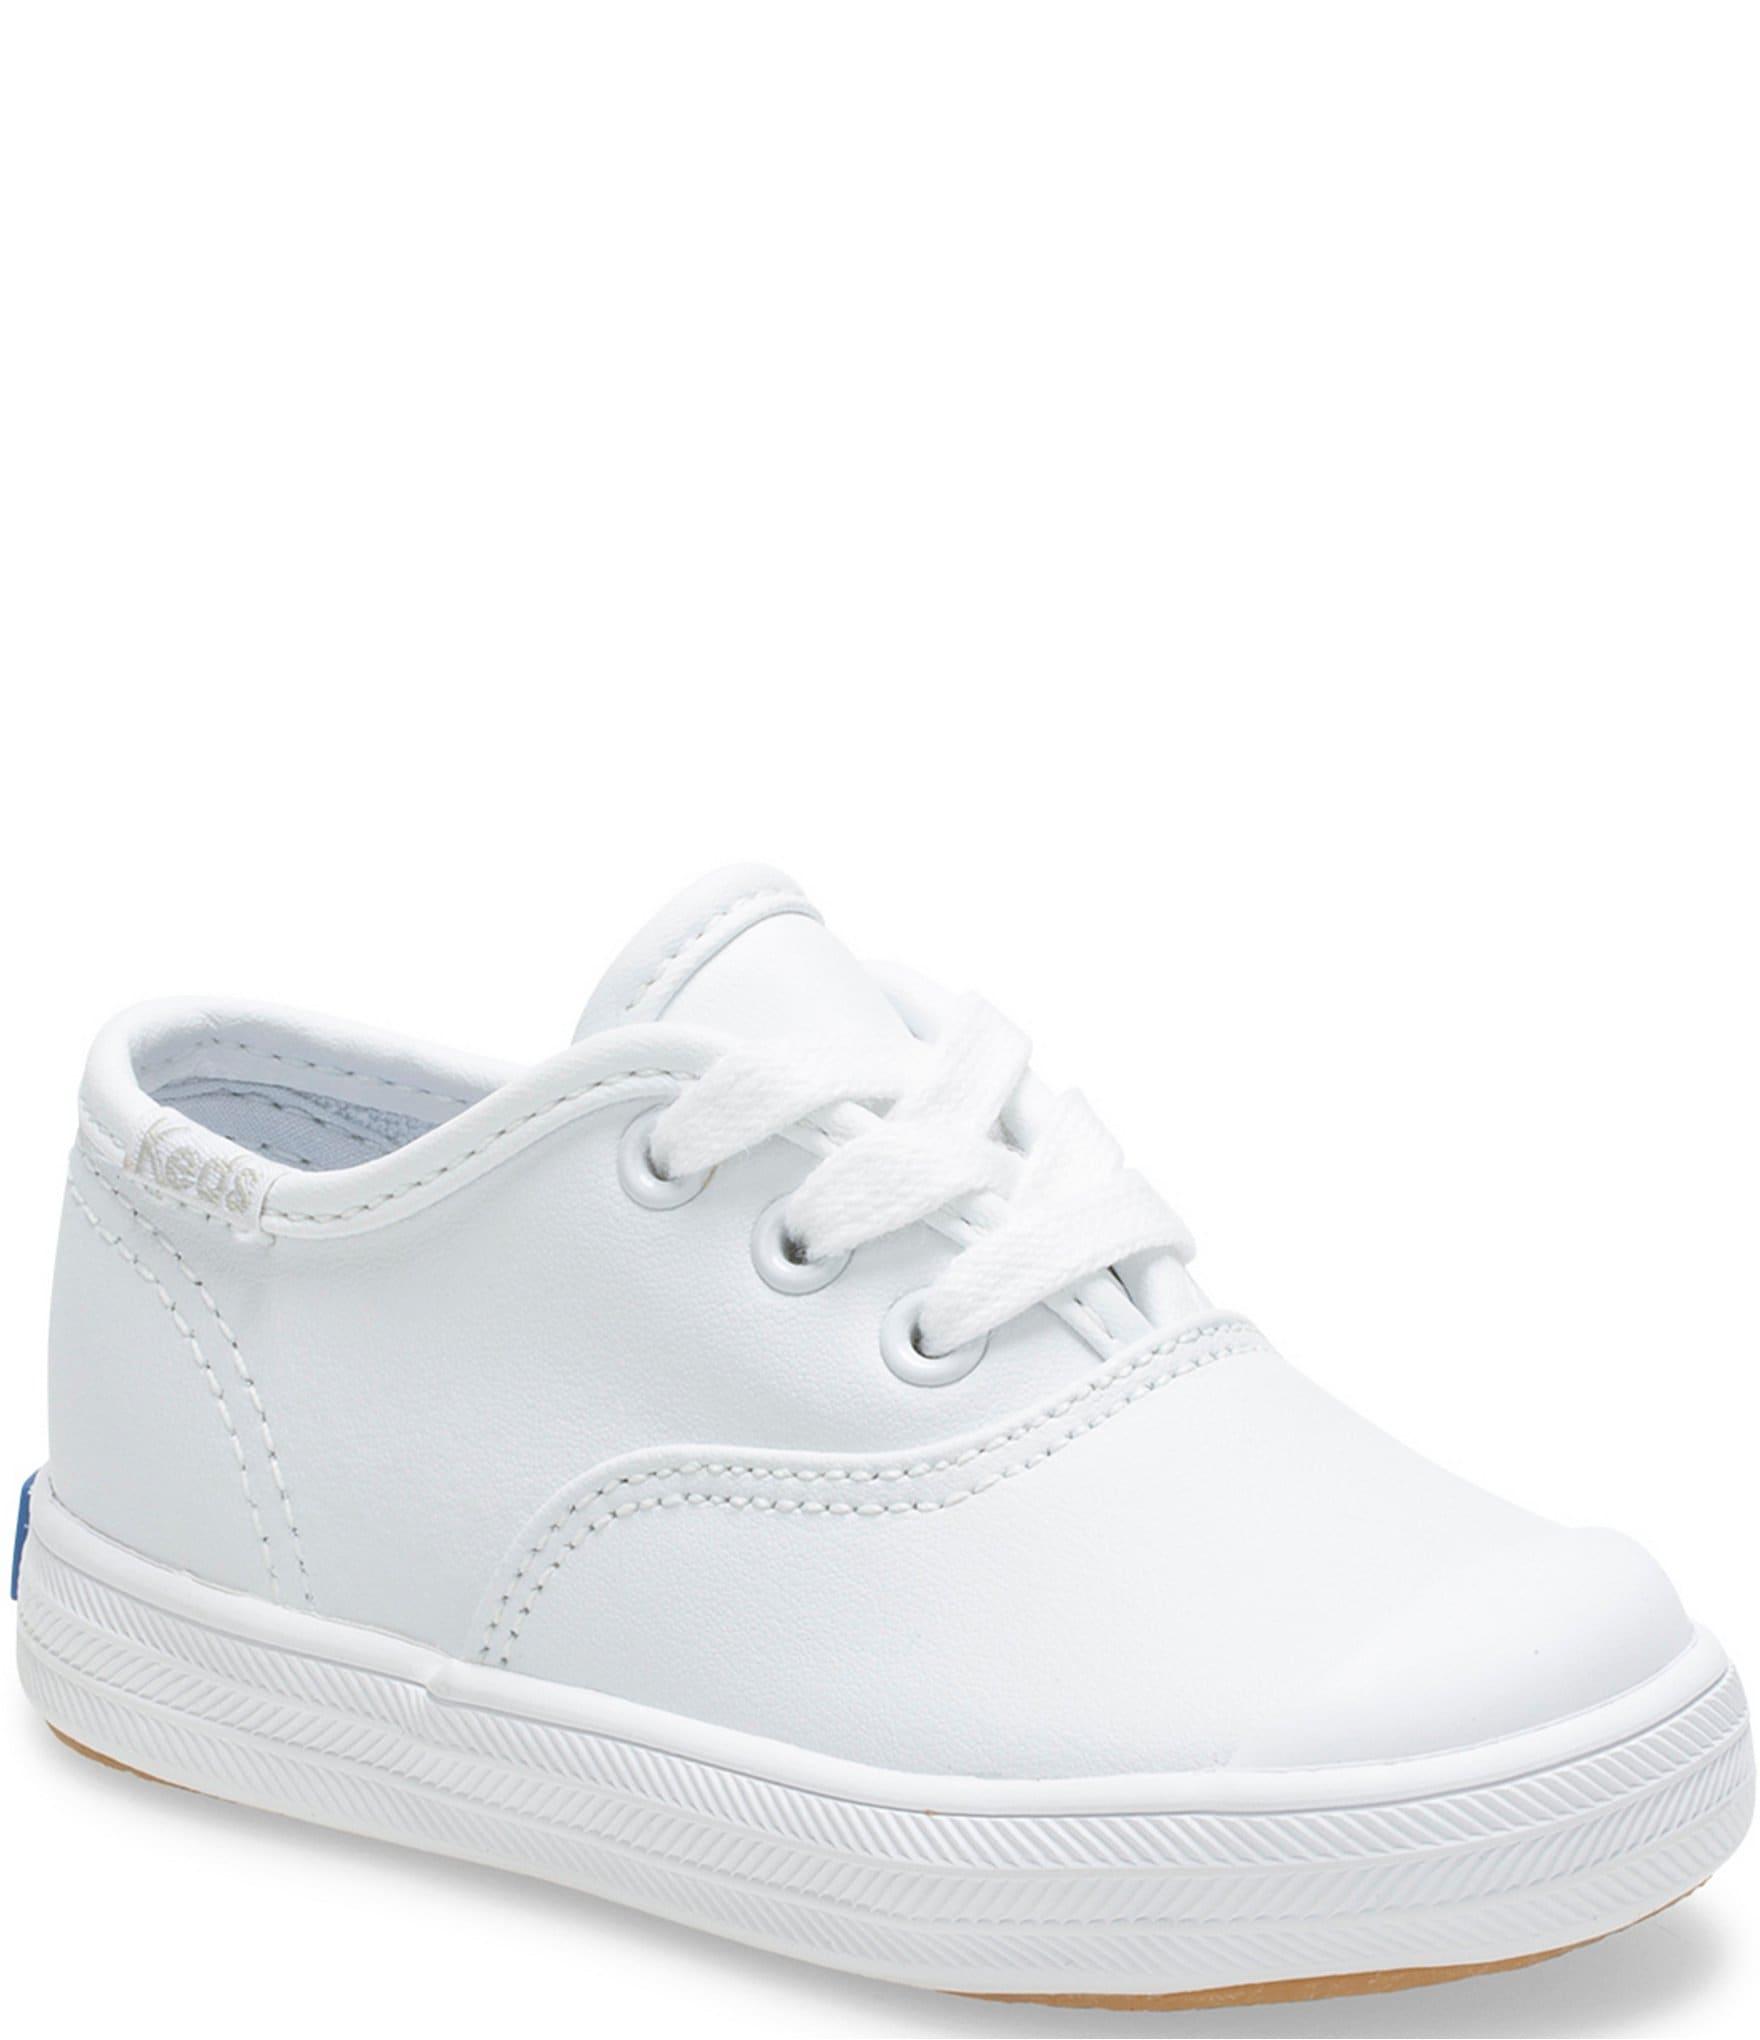 9cd0676b14e8 Keds Shoes